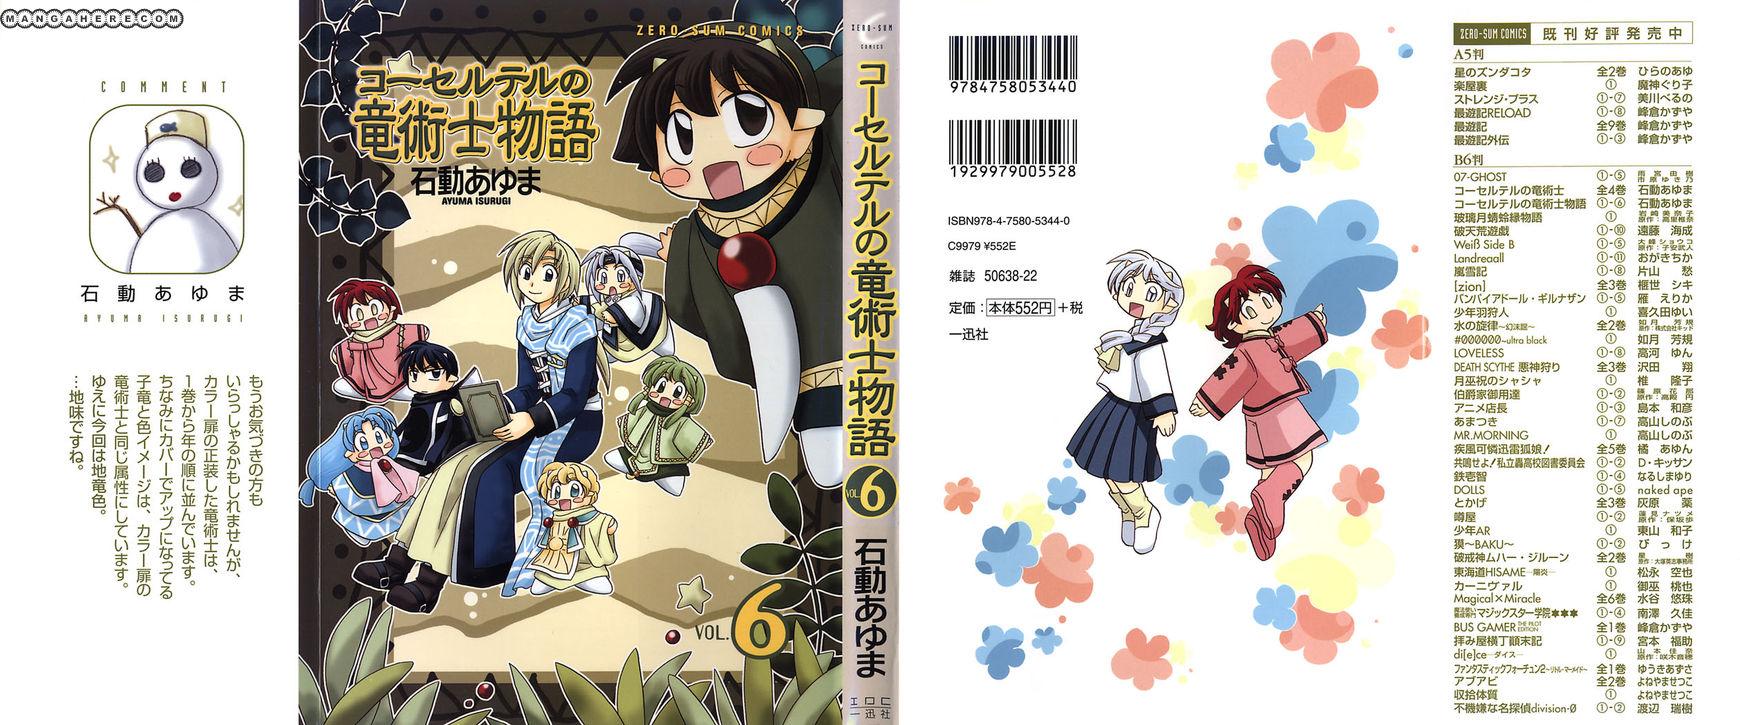 Corseltel No Ryuujitsushi Monogatari 38 Page 1